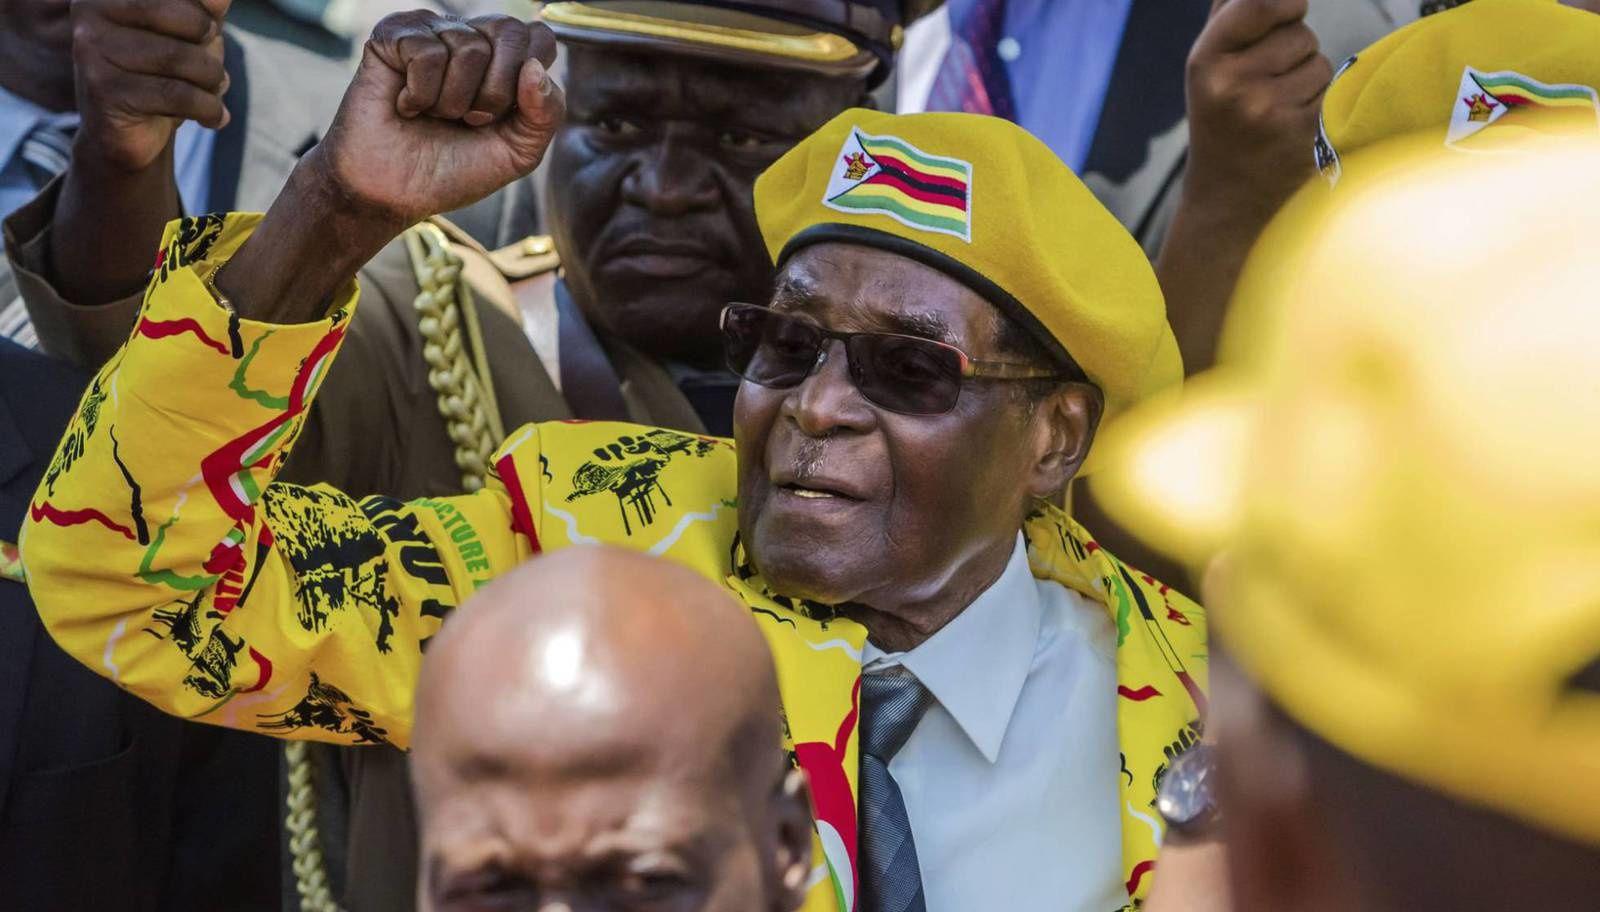 El dinosario de Harare, Robertihno Mugabe, en la cuerda floja: El Ejército interviene en Zimbabue en medio de una crisis en el Gobierno.